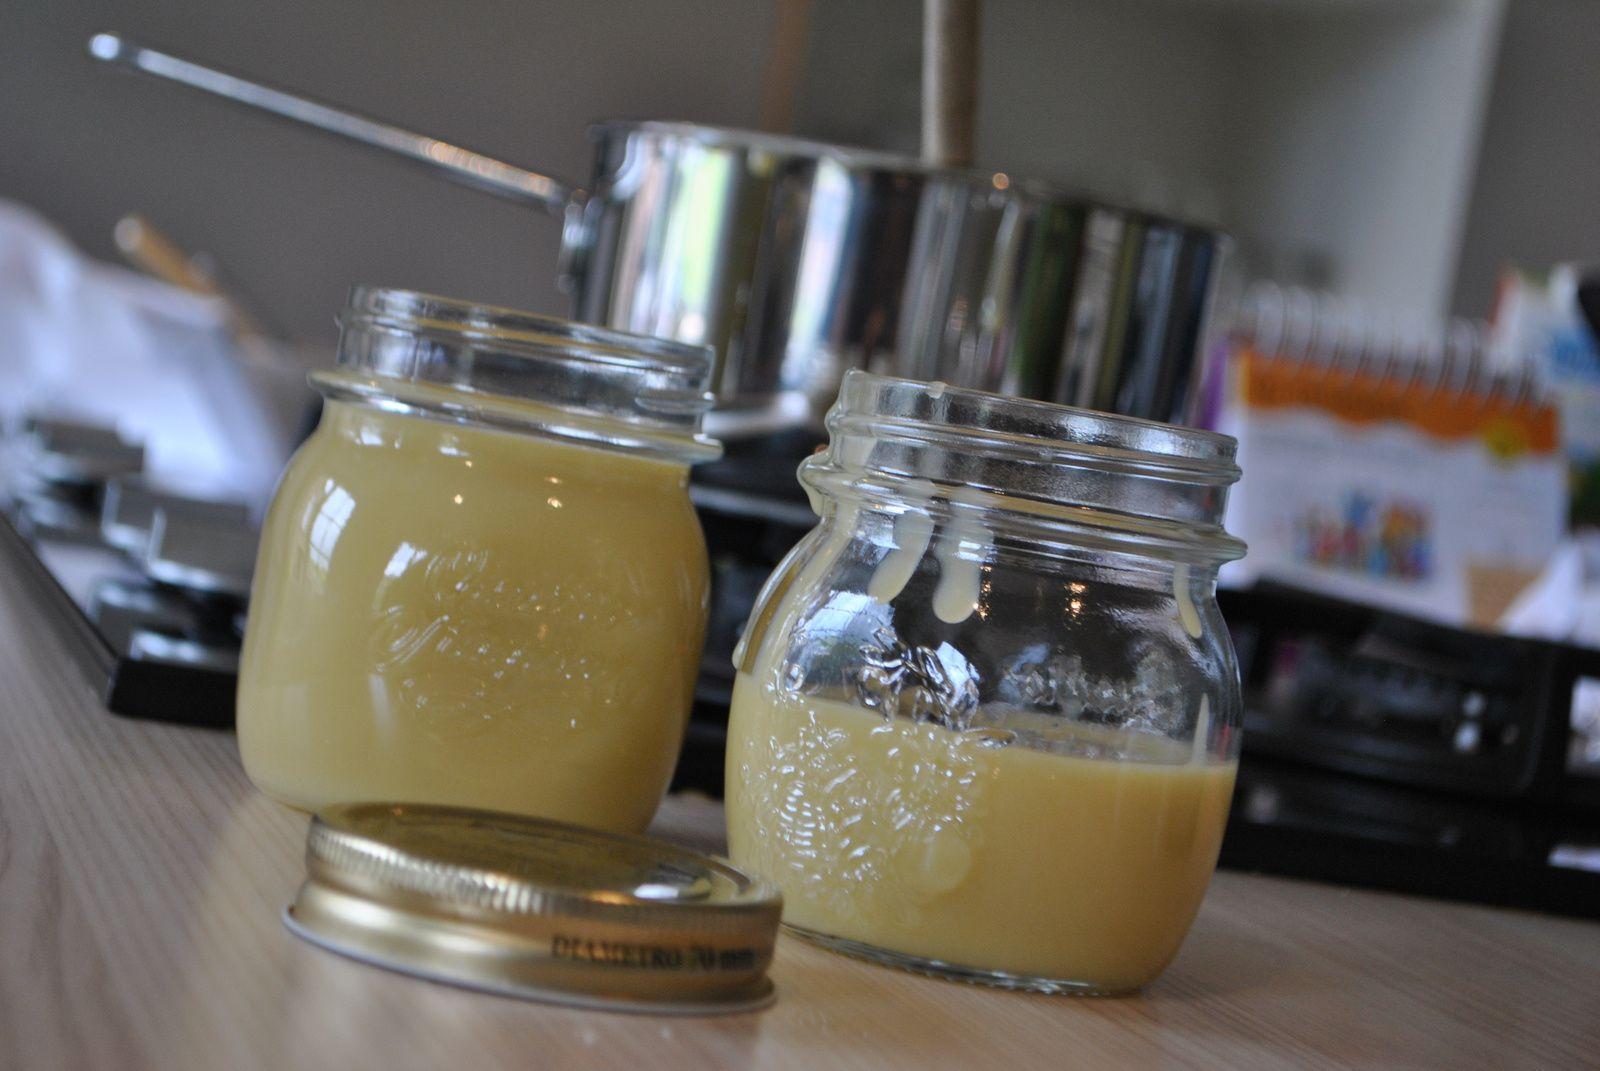 Pâte à tartiner au chocolat blanc, miel et huile d'olive¶